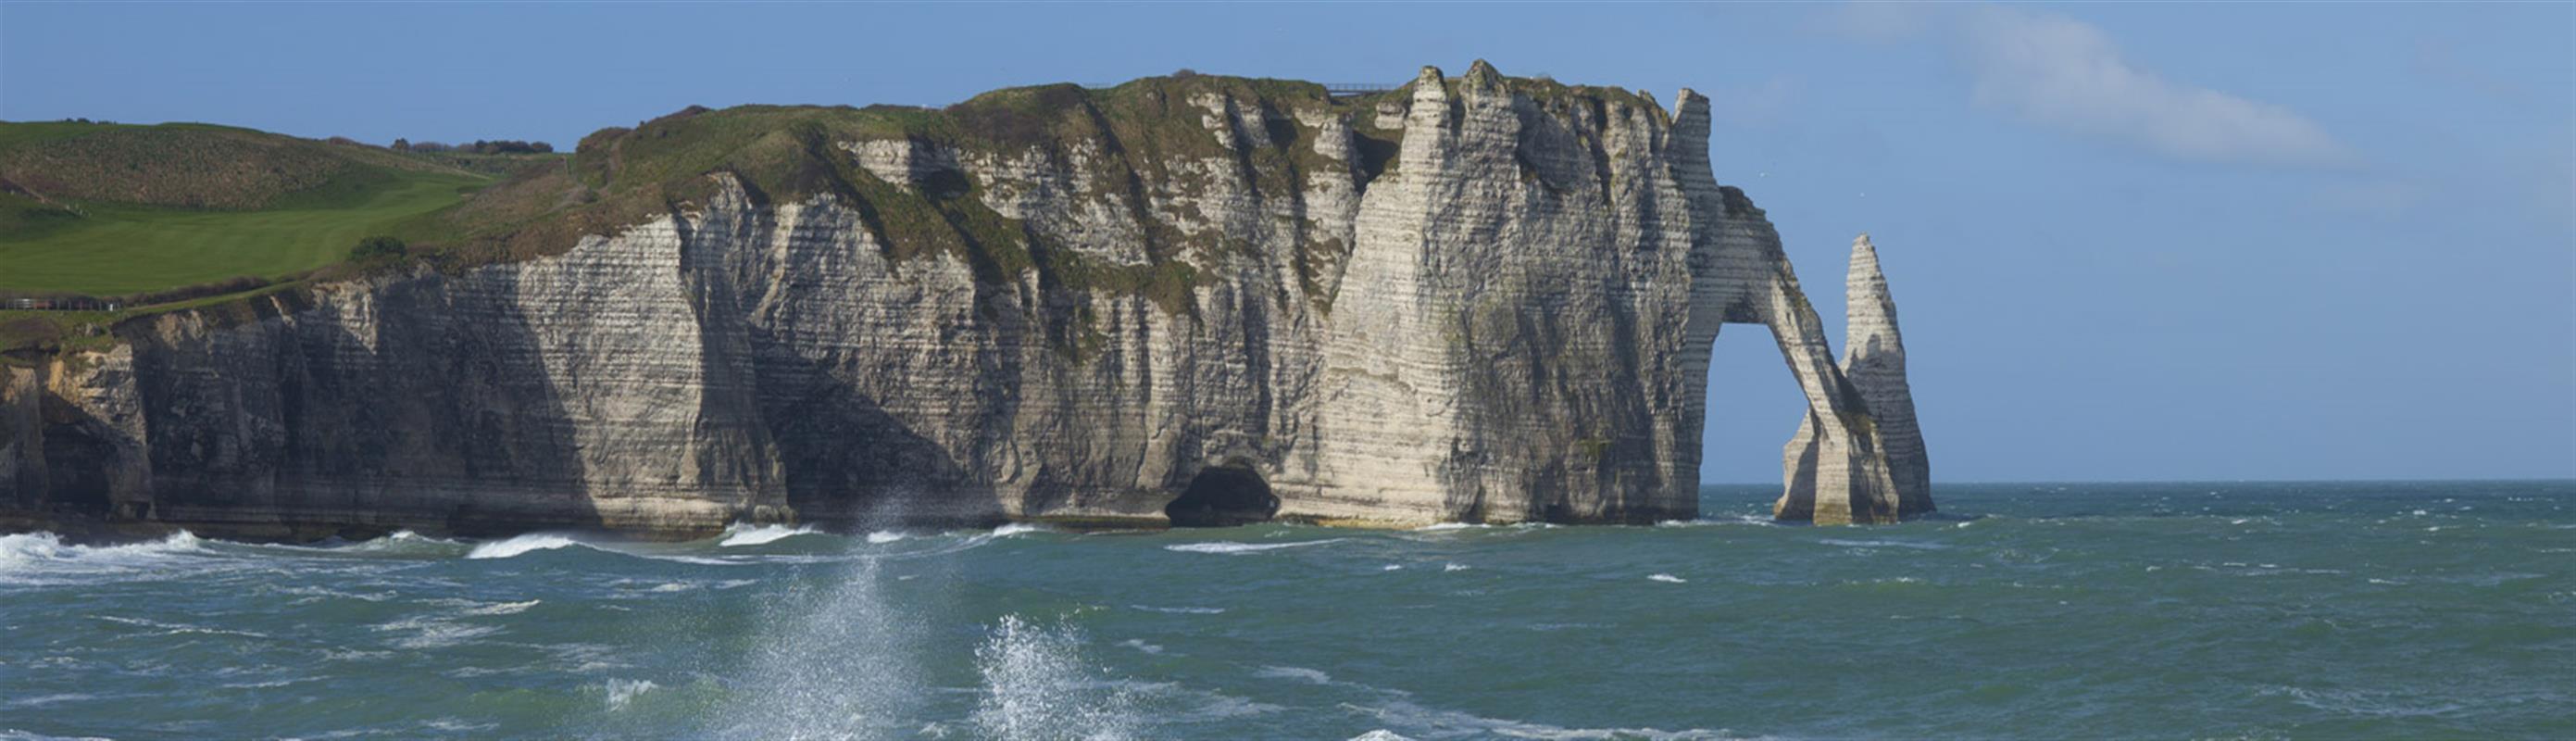 Les falaises d 39 tretat la vallee de seine h tellerie de plein air normandie vacances en - Les portes d etretat maniquerville ...